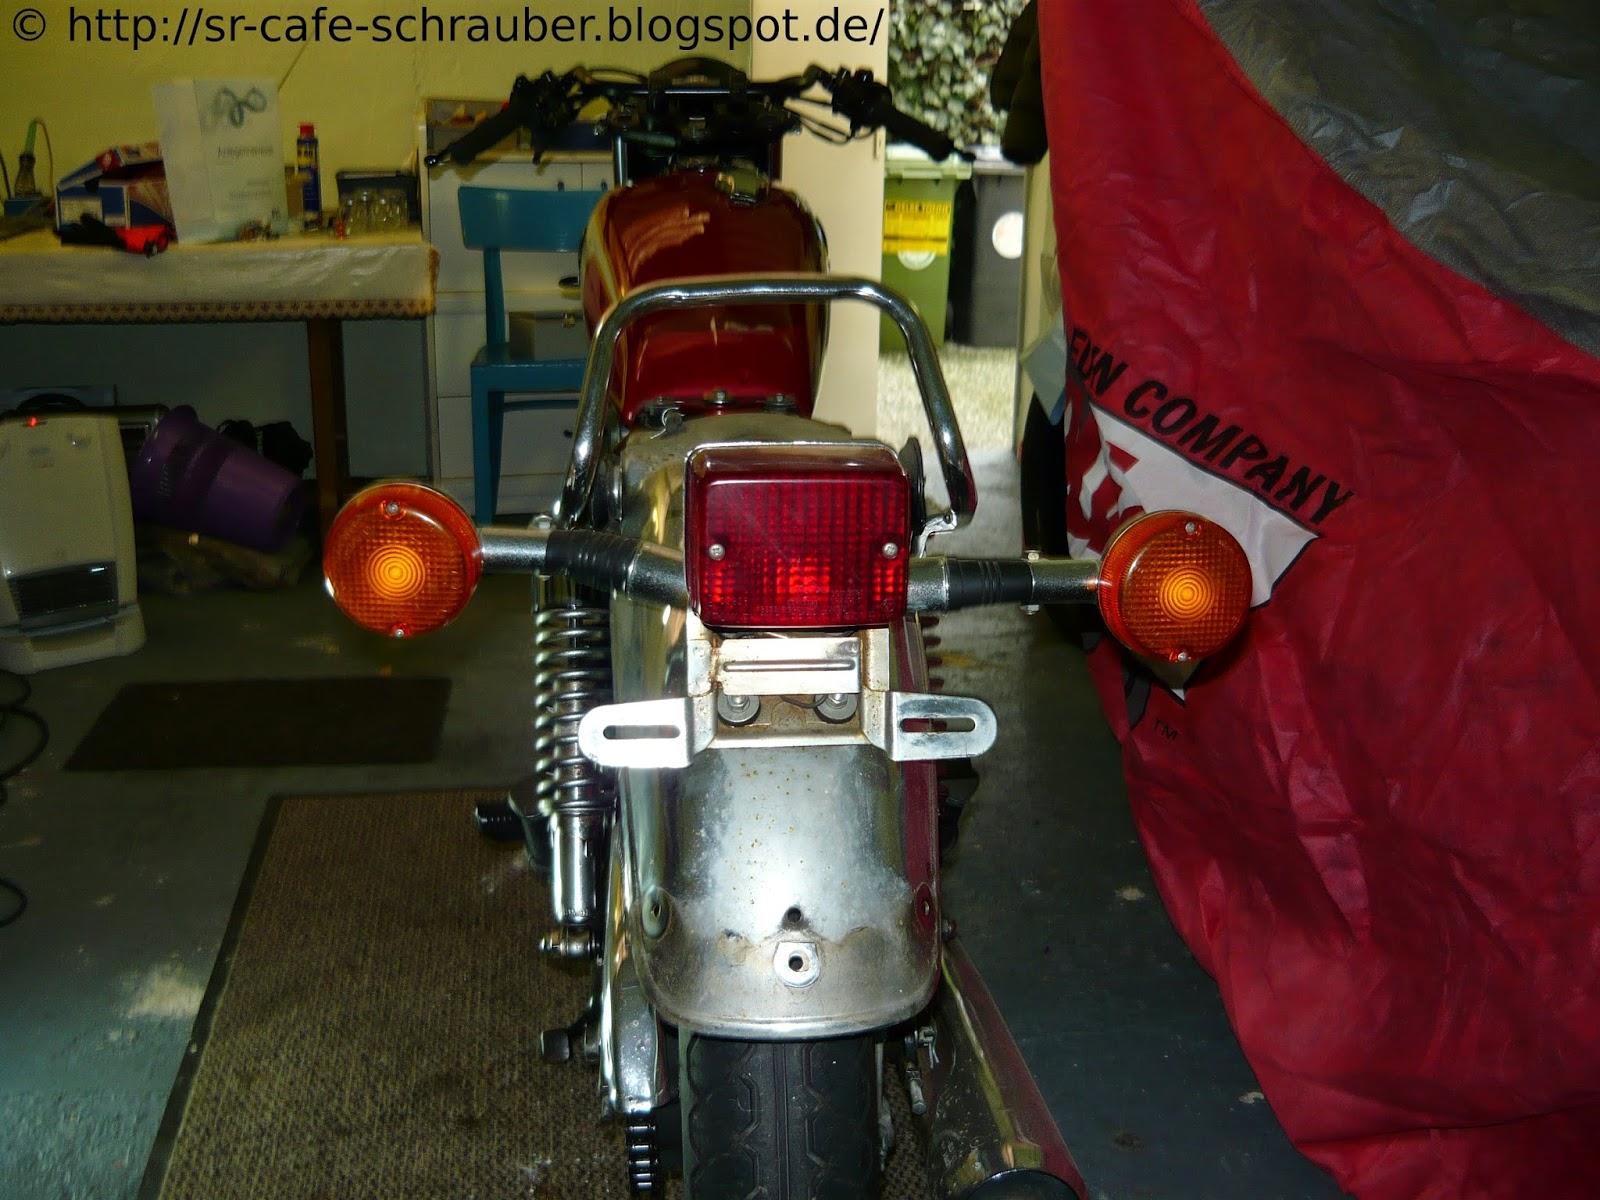 SR Cafe Schrauber: Demontage hinterer Kotflügel